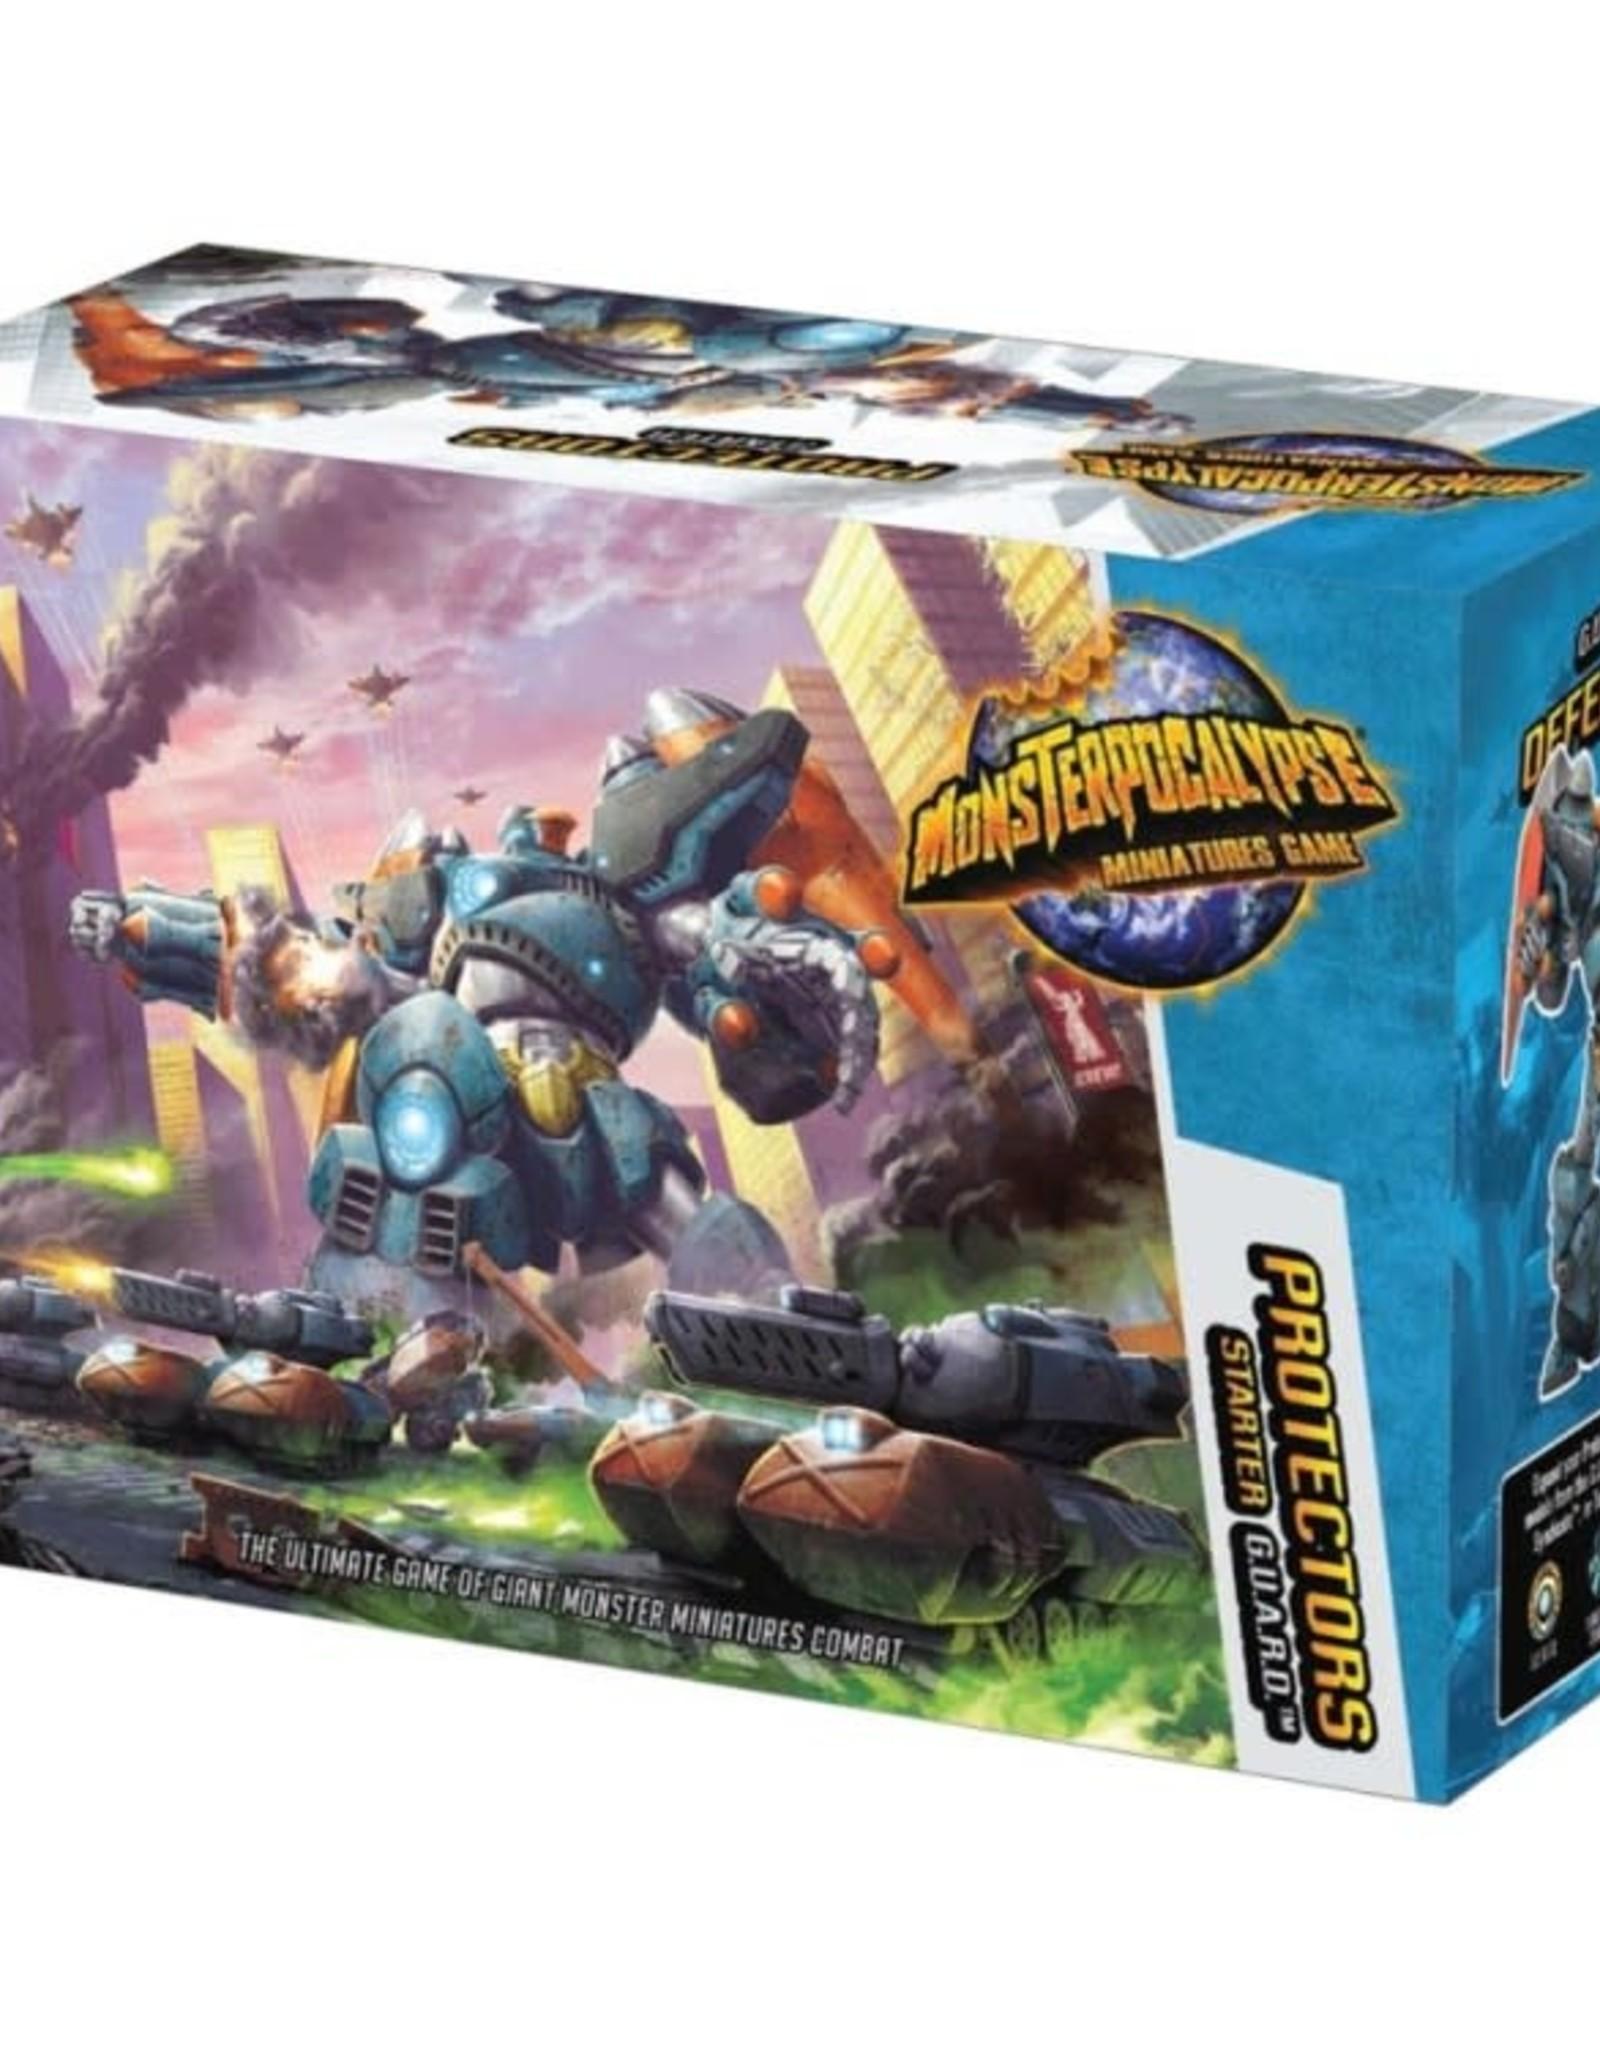 Monsterpocalypse Protectors